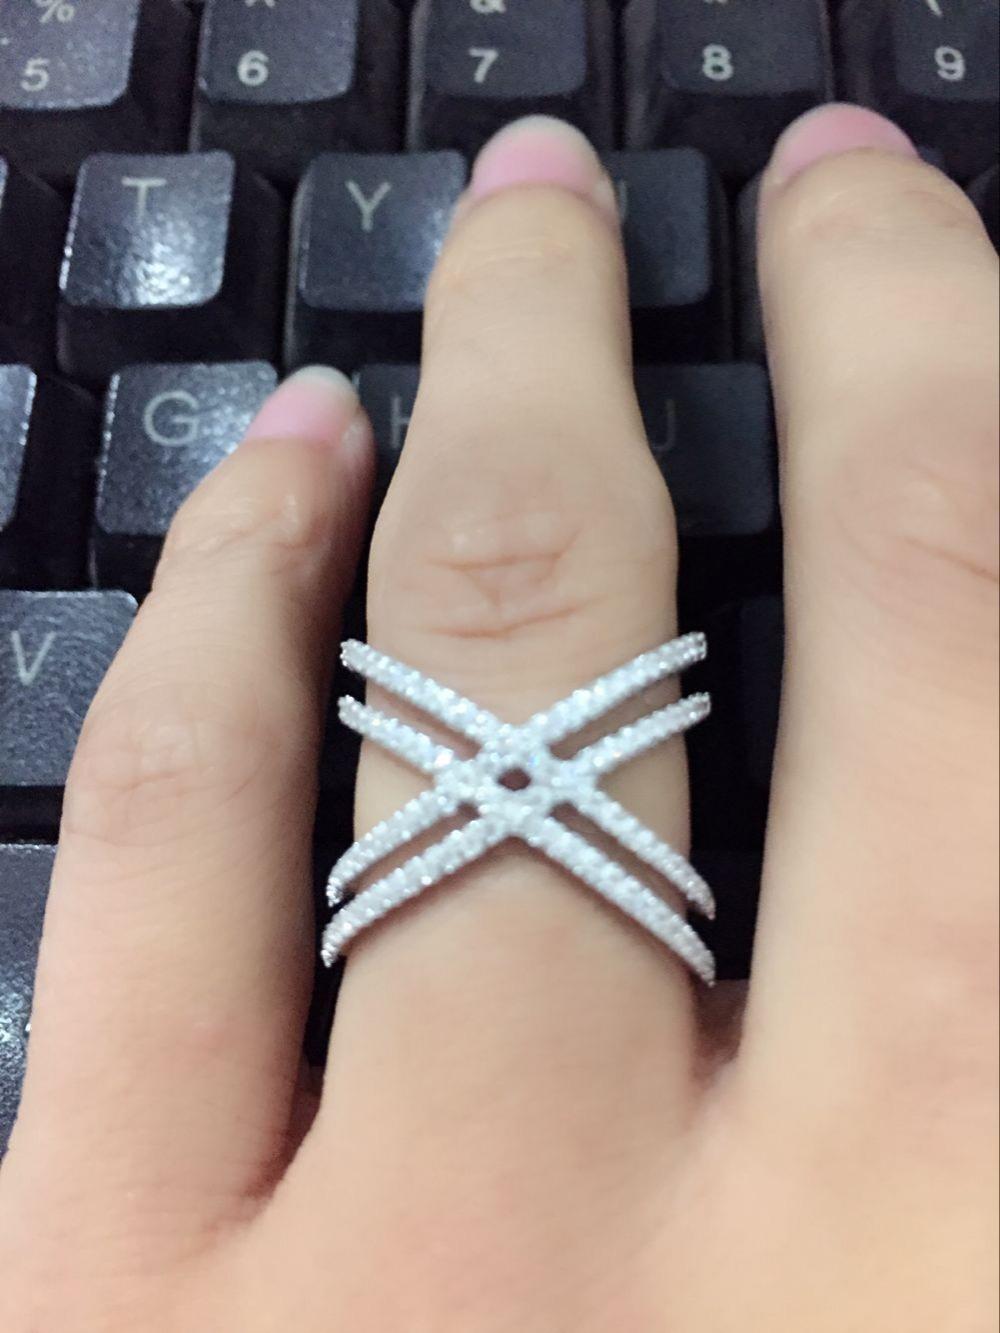 حقيقي 925 الفضة الاسترليني حجم 6،7،8،9 مايكرو تمهيد تشيكوسلوفاكيا مزدوجة كريسس الصليب العاشر الدائري ل زفاف المرأة فنجر مجوهرات D18111405